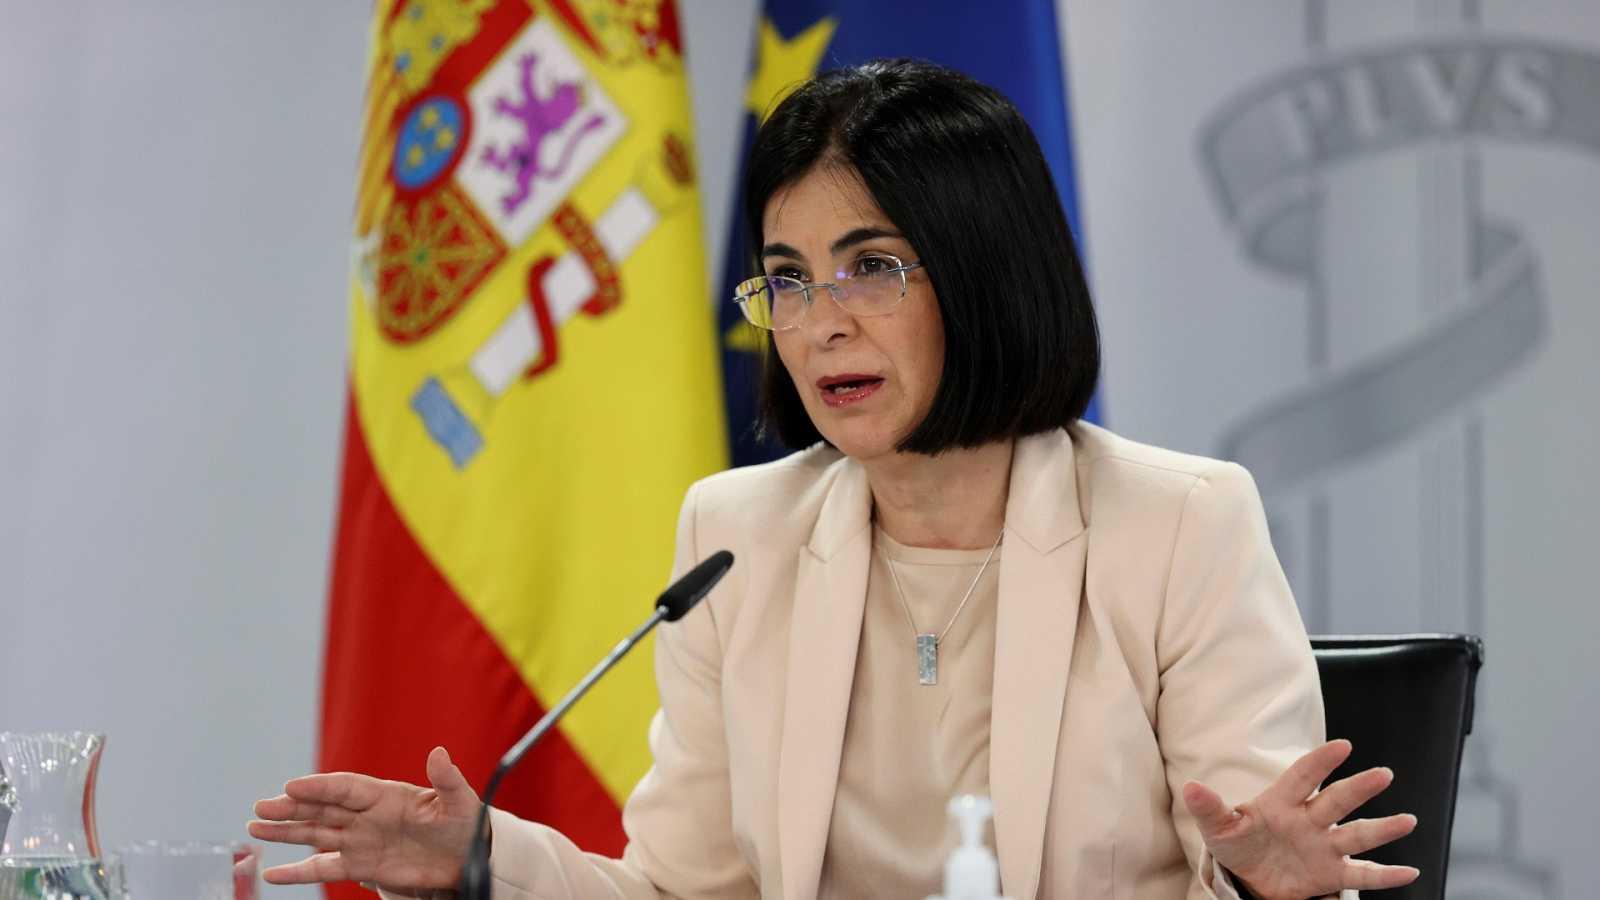 Especial informativo - Comparecencia de la ministra de Sanidad - 24/02/21 - ver ahora